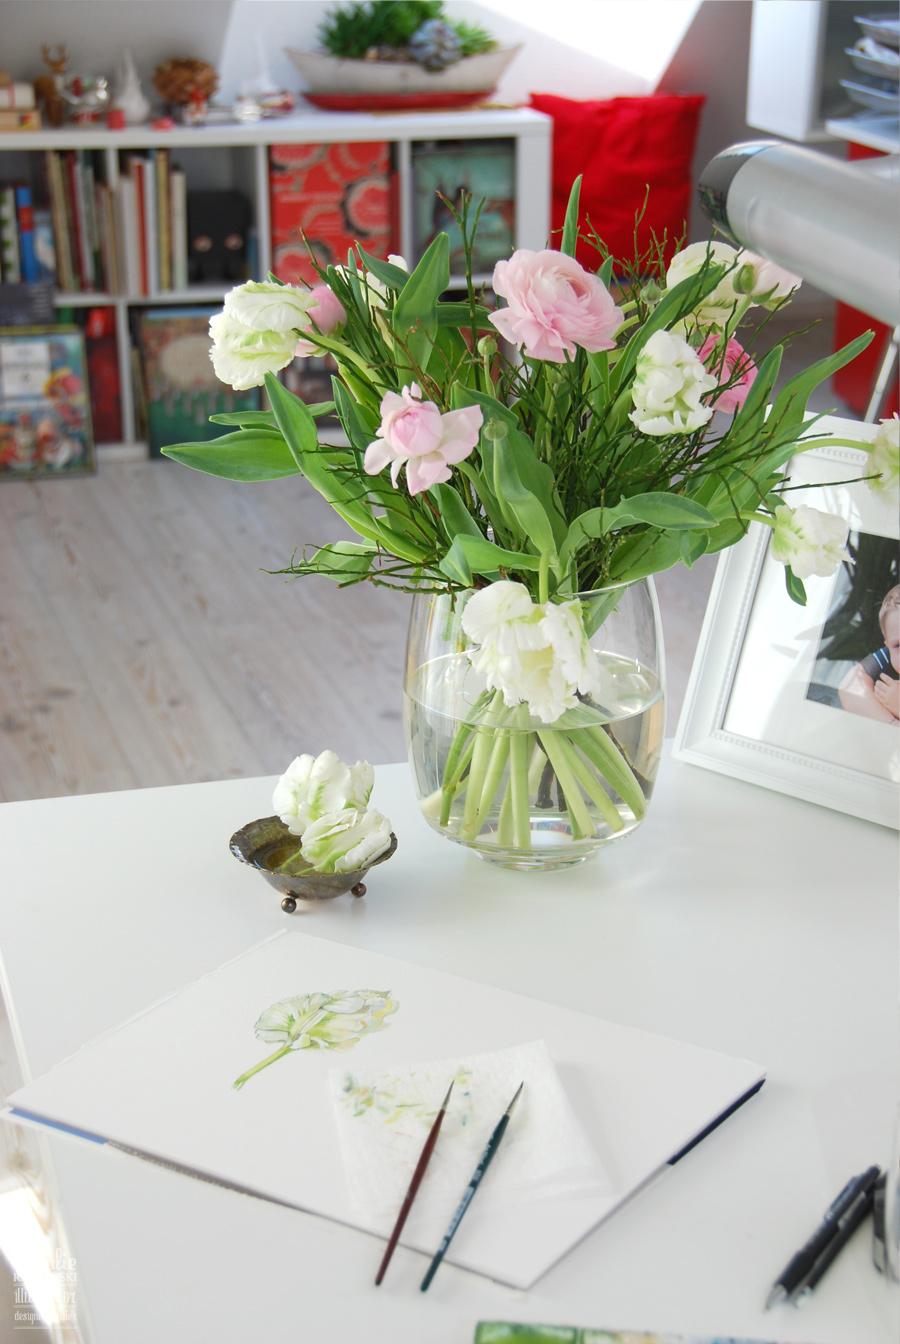 Natalie Ratkovski's studio